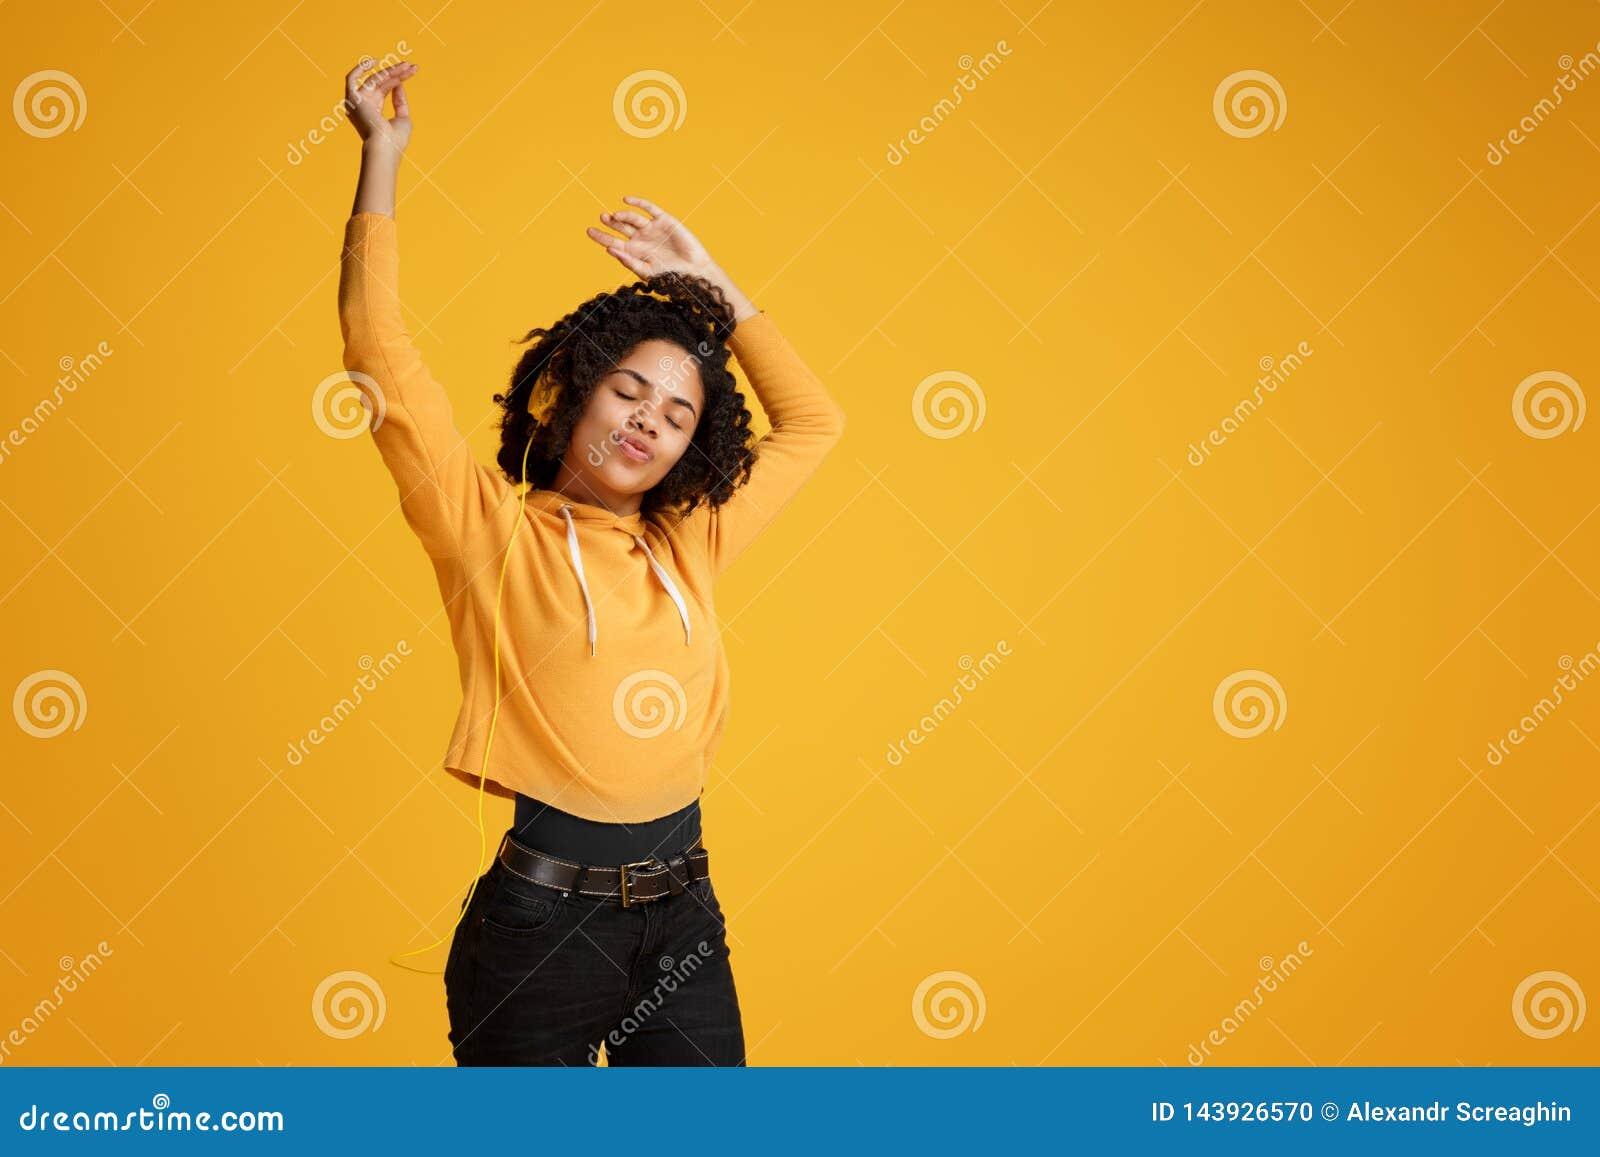 Junge Frau des modischen Afroamerikaners mit hellem L?cheln gekleidet in h?render Musik der Kleidungs der zuf?lligen Kleidung und